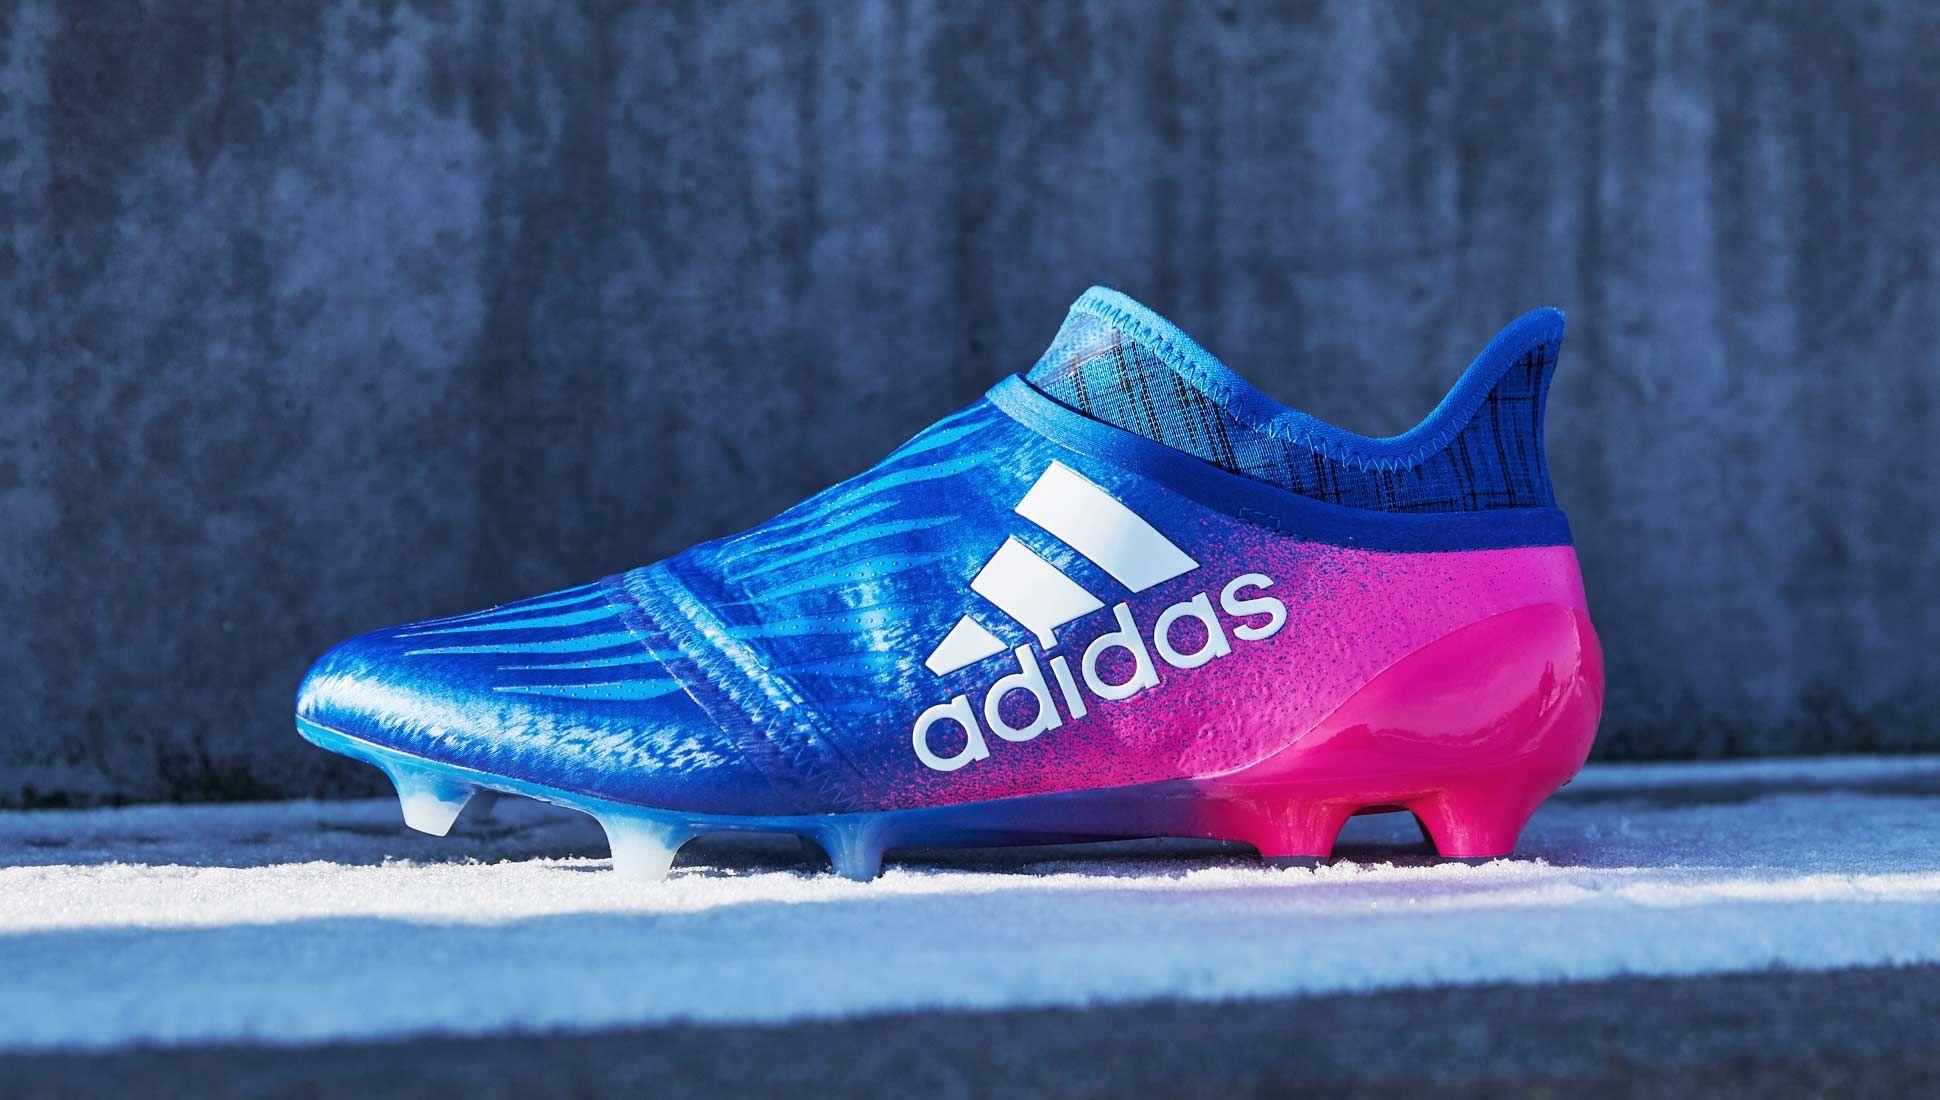 Image result for adidas x 16 Football Boots fb8e4a7867e00